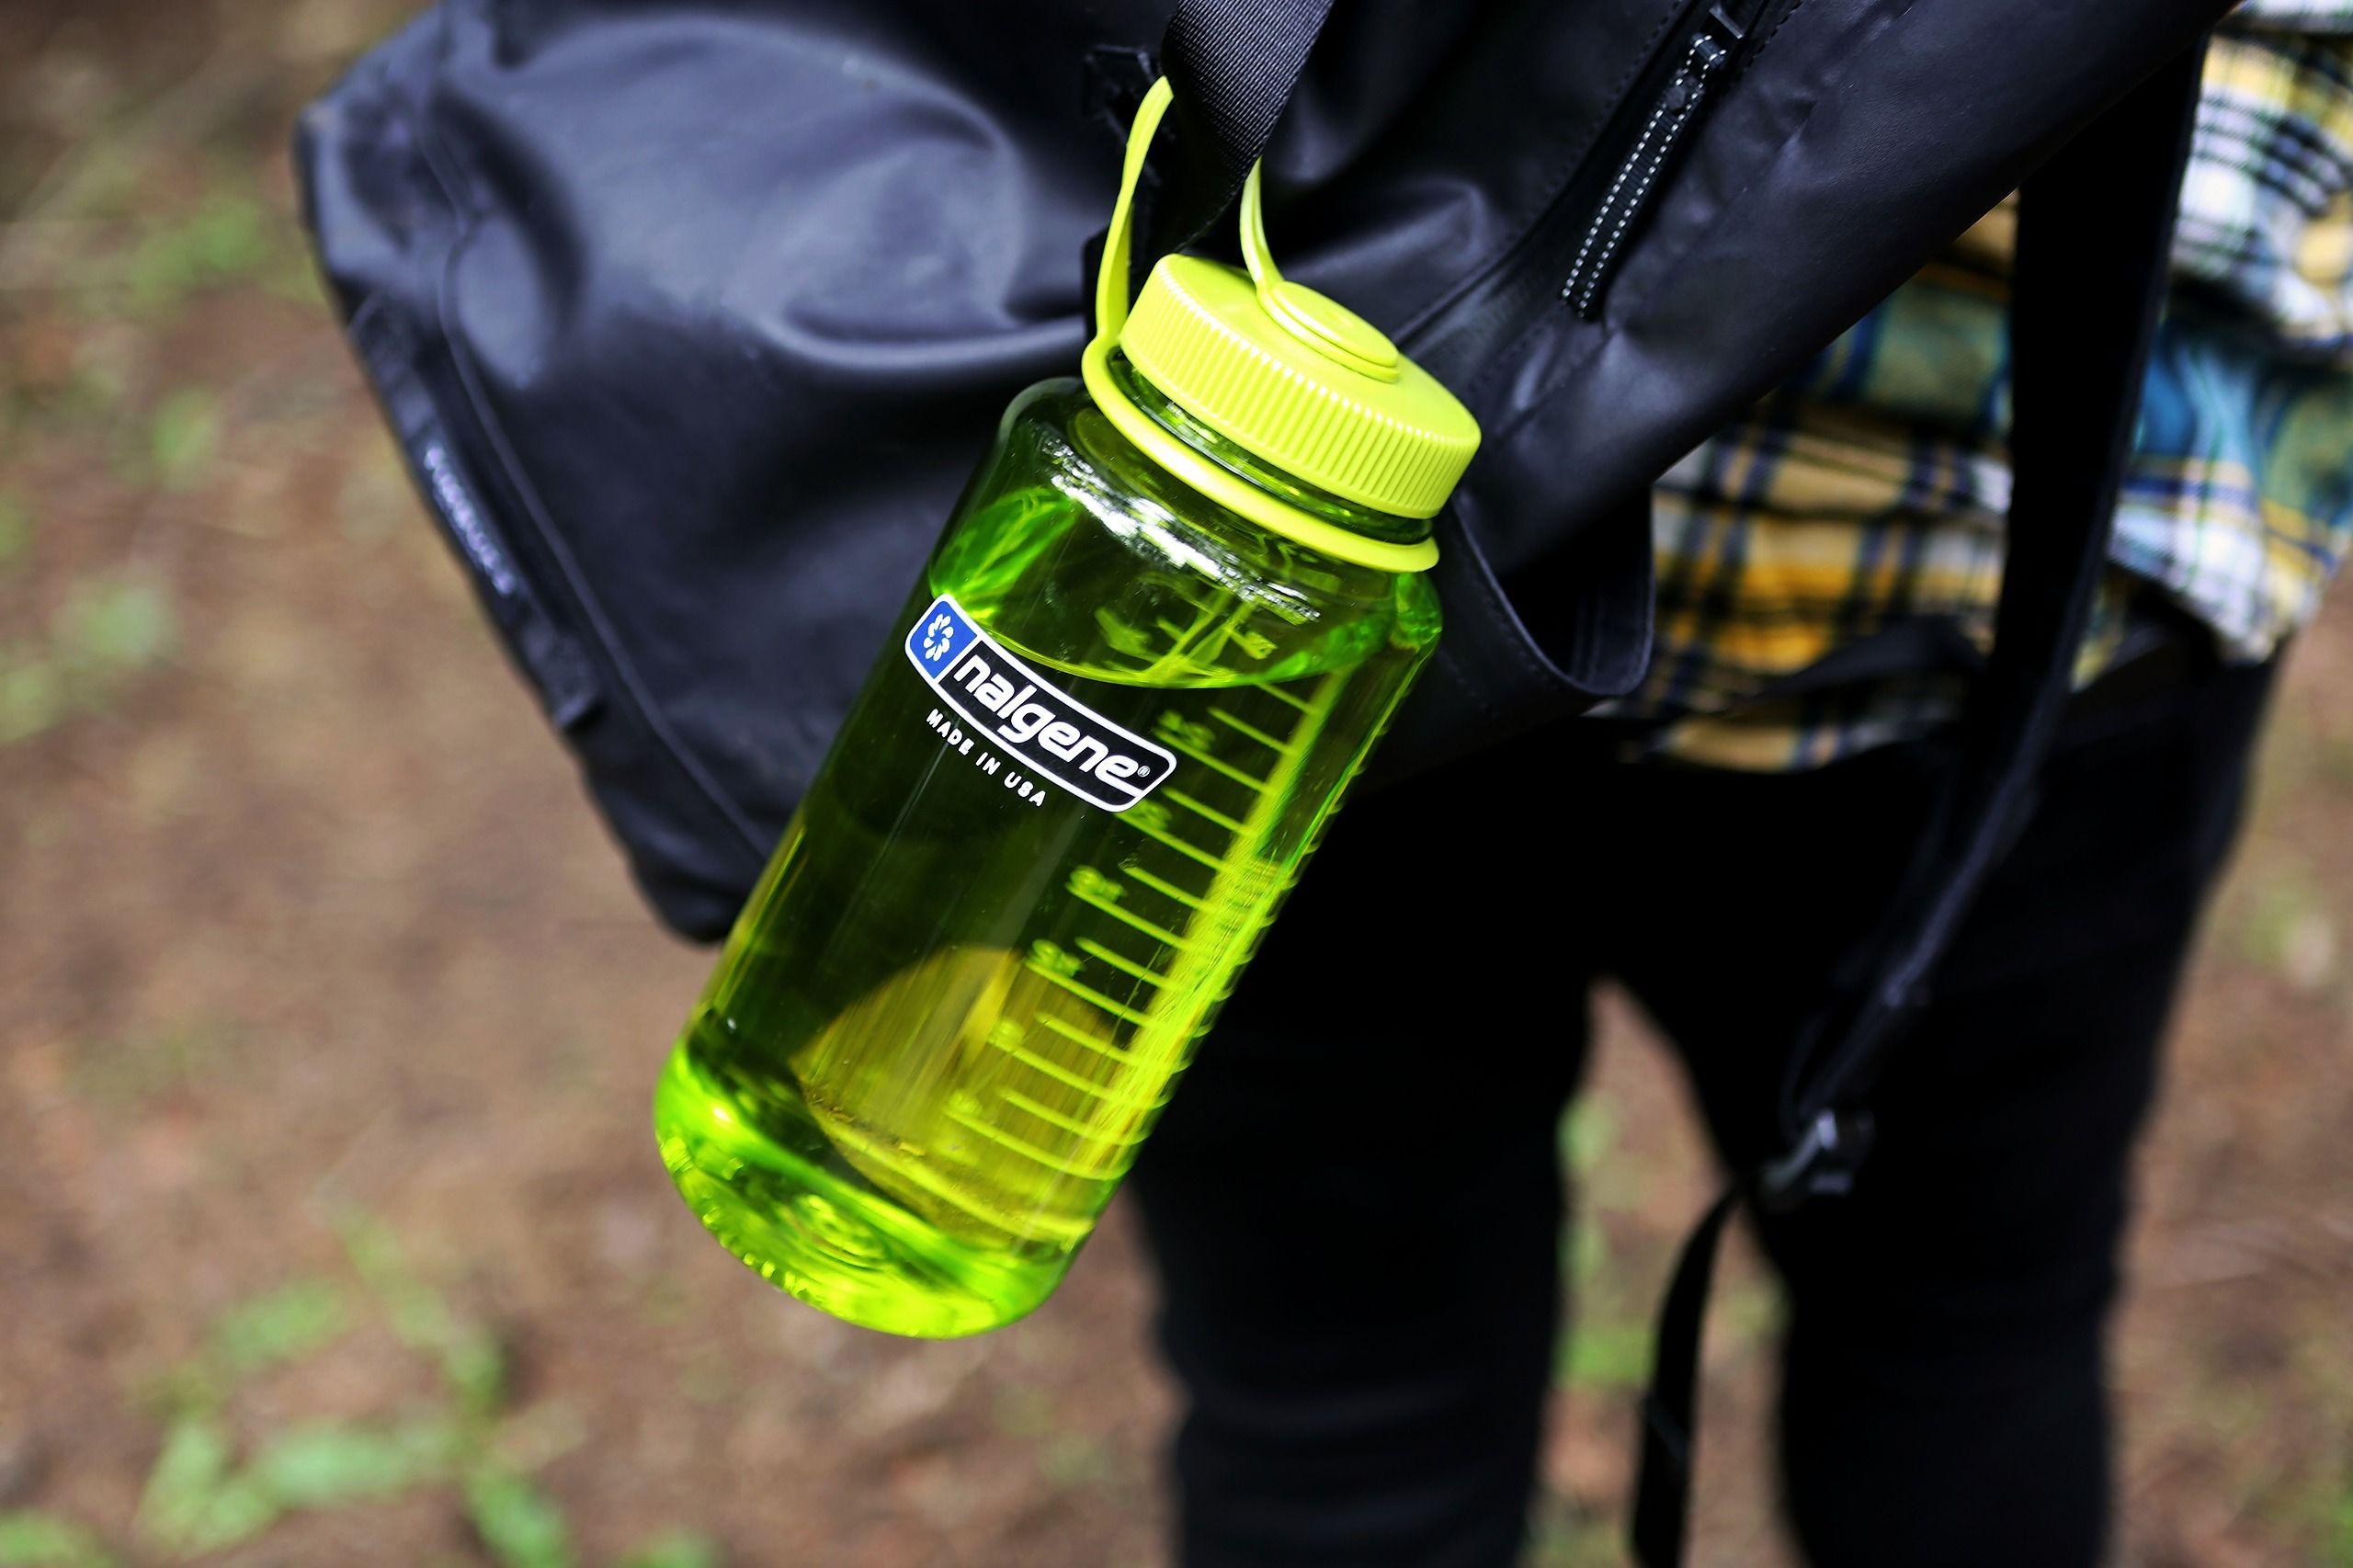 Nalgene Tritan Wide Mouth BPA-Free Water Bottle Green Olive 32 Ounce